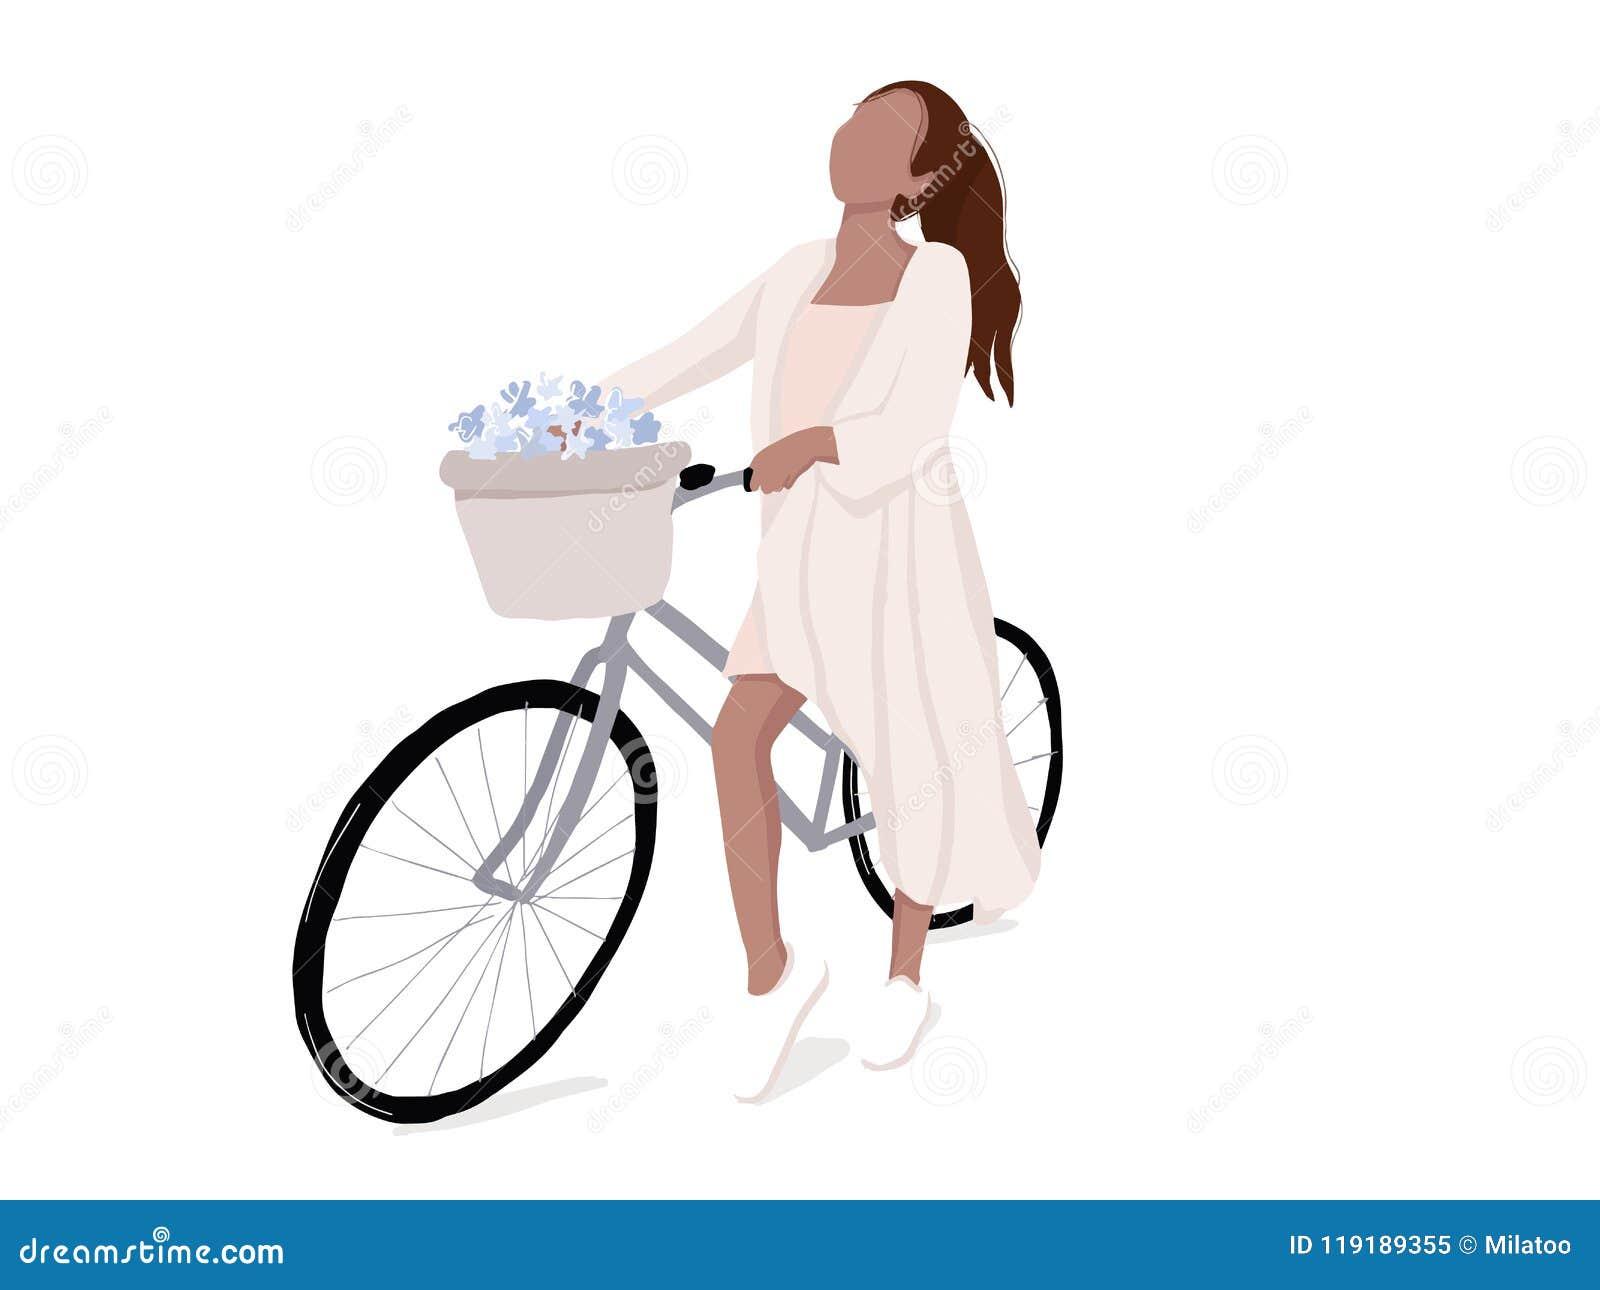 Enkel kvinna på cykelillustration Plan flicka på modern livsstilfritid för cykel stads- aktivitet Vektoraffärsföretag